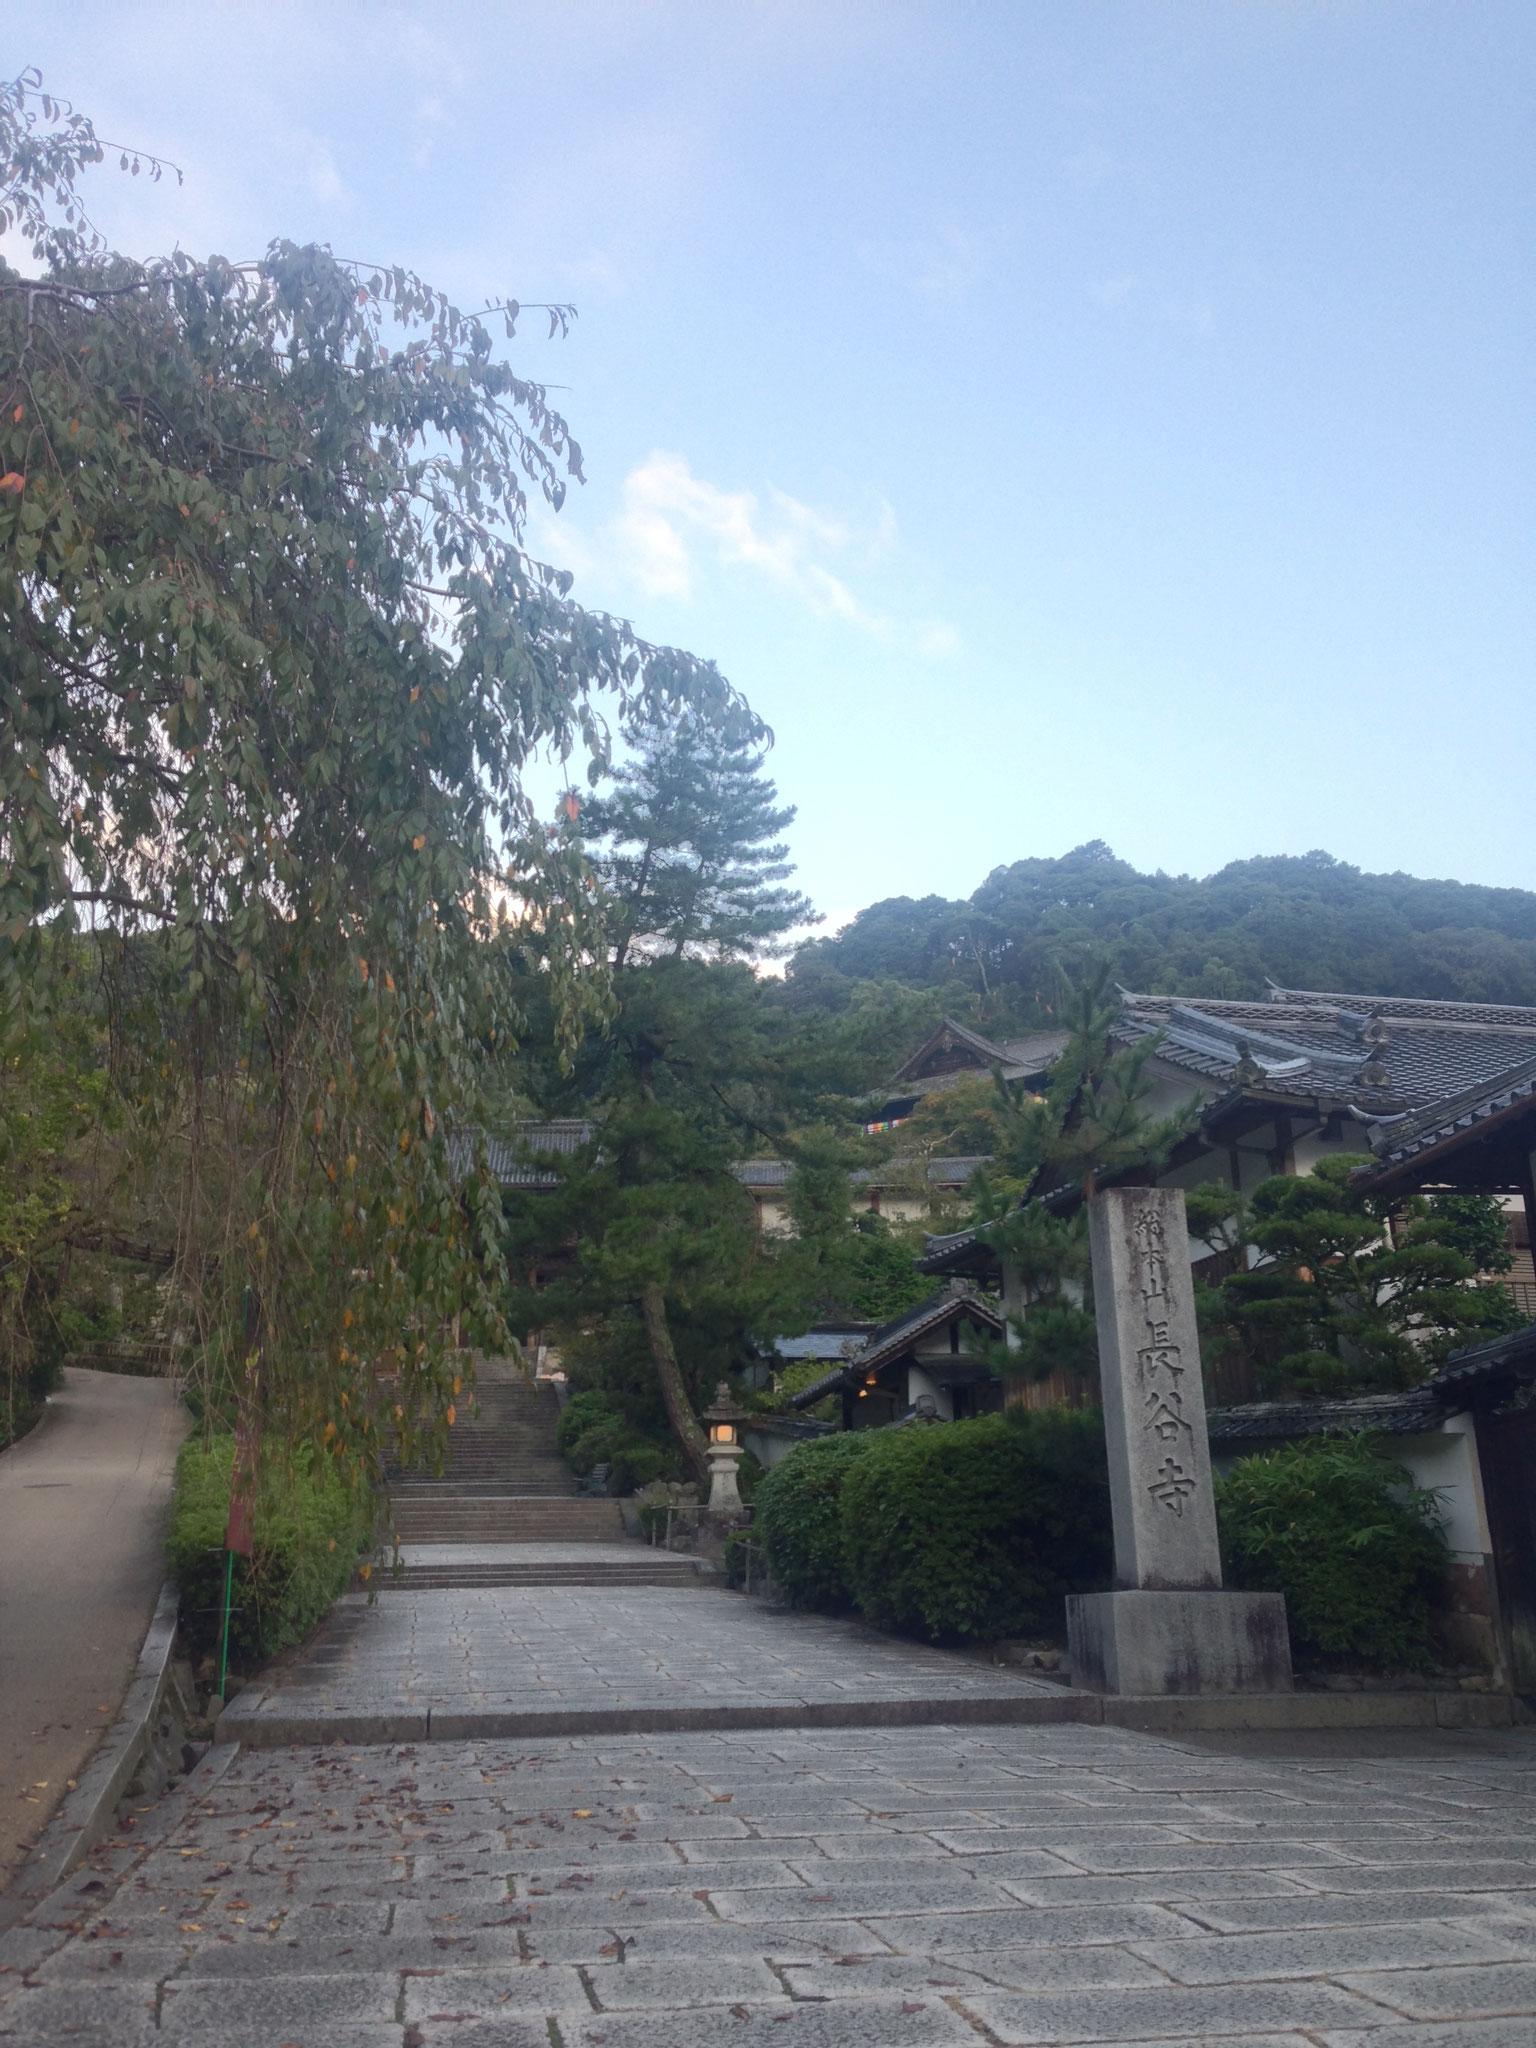 「いったん」から長谷寺門前まで徒歩約15分。早朝のショートウォーキング、とても気持がよいです!